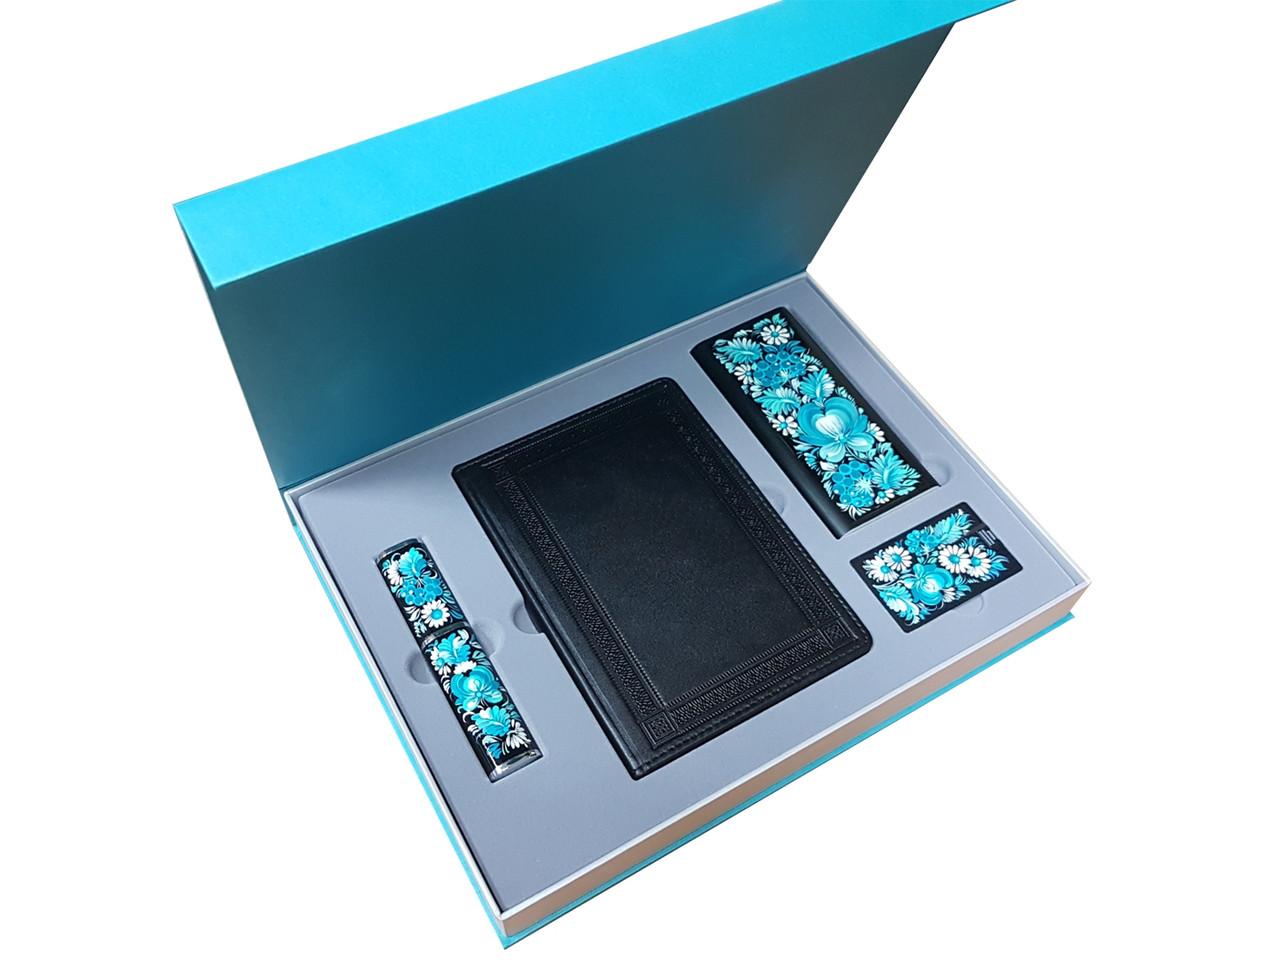 """Подарочный набор """"Премиум"""": ежедневник А5 кожаный, ручка в футляре, Xiaomi Power Bank и флеш-карта"""